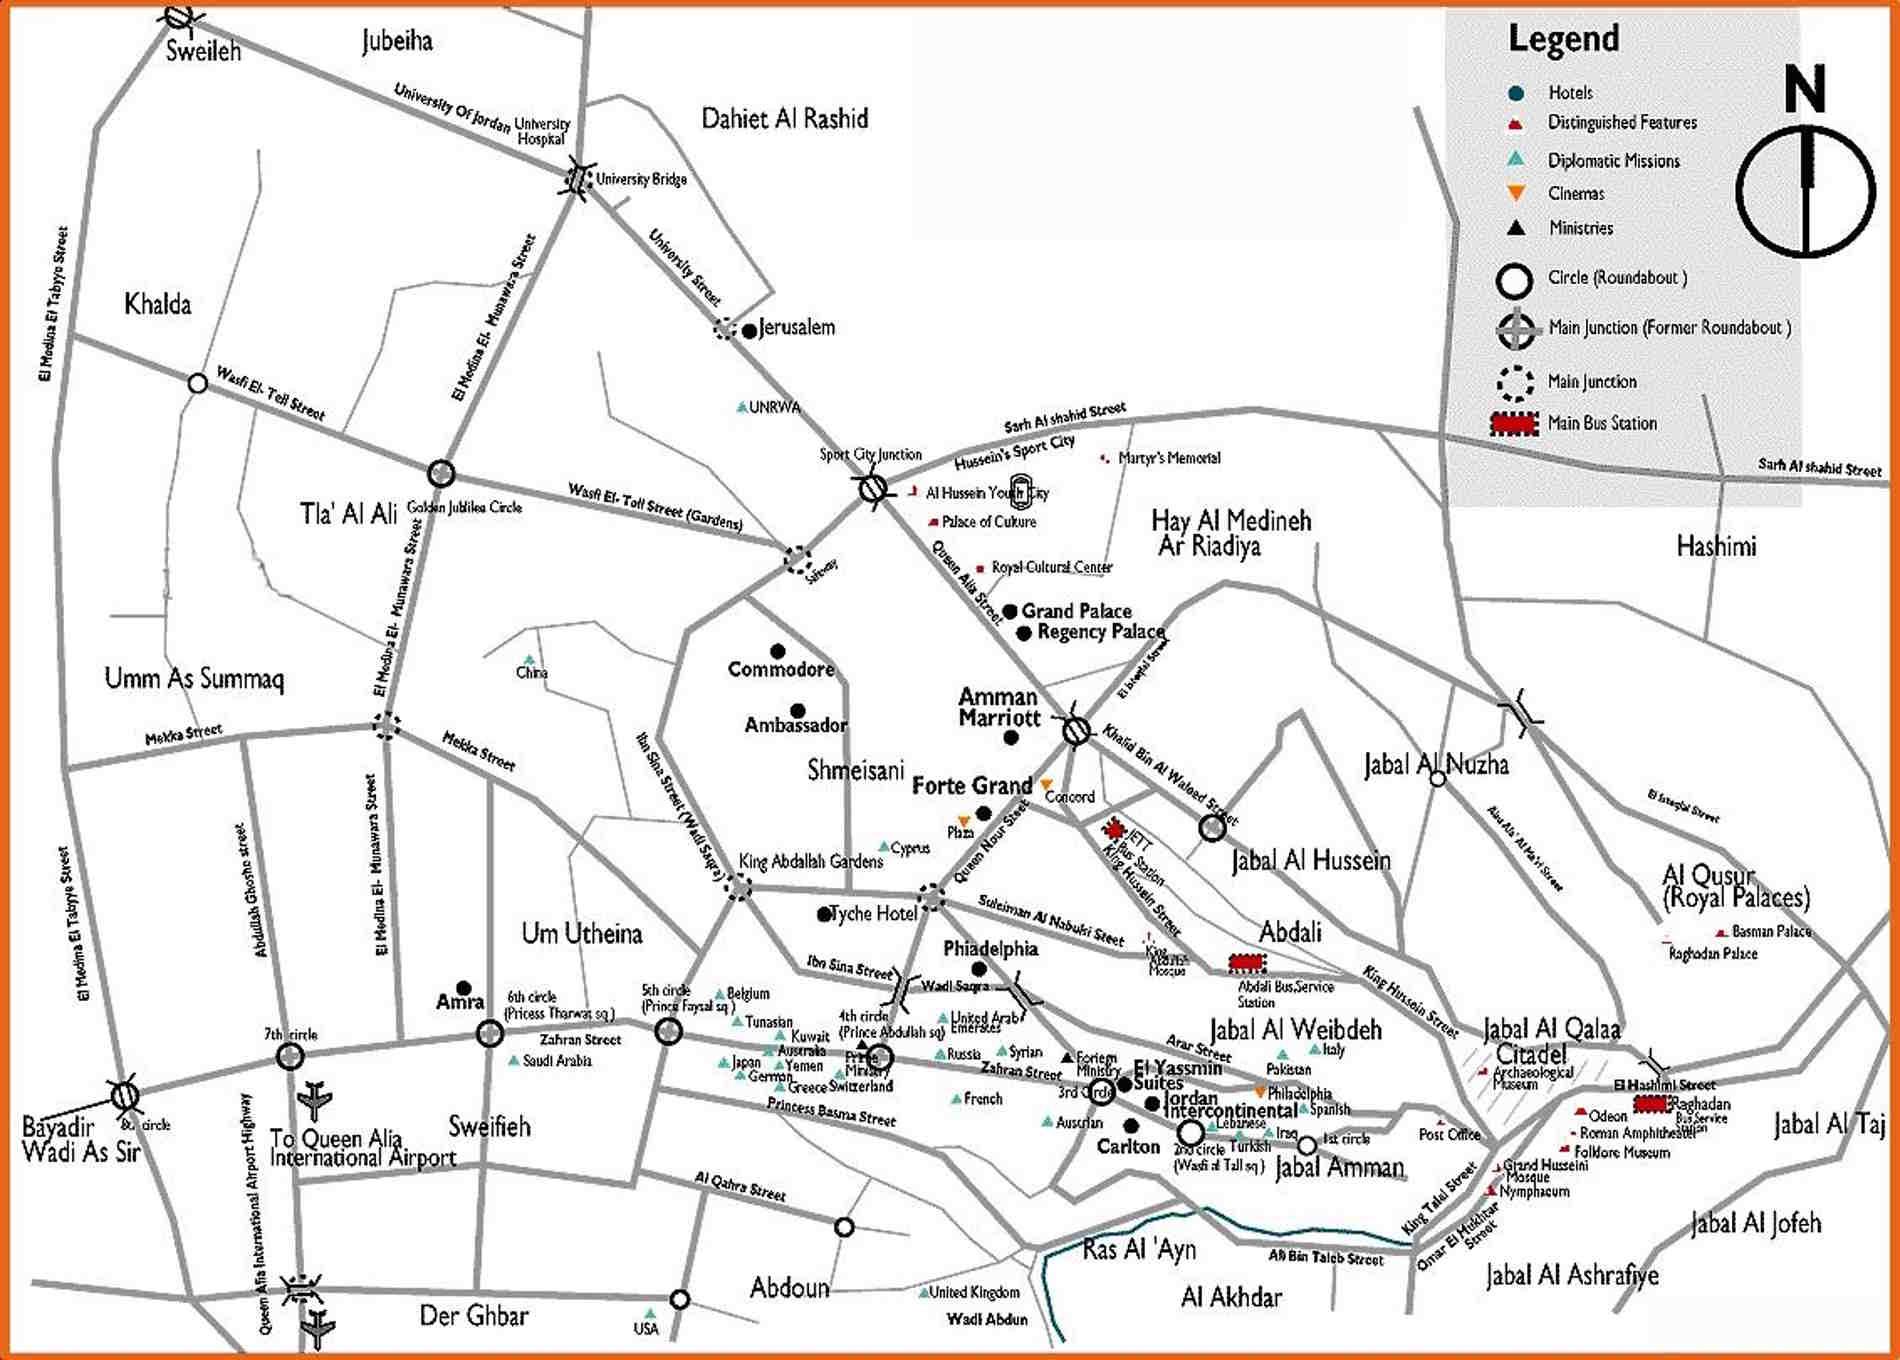 Mappa turistica con localizzazione degli Hotel ad Amman